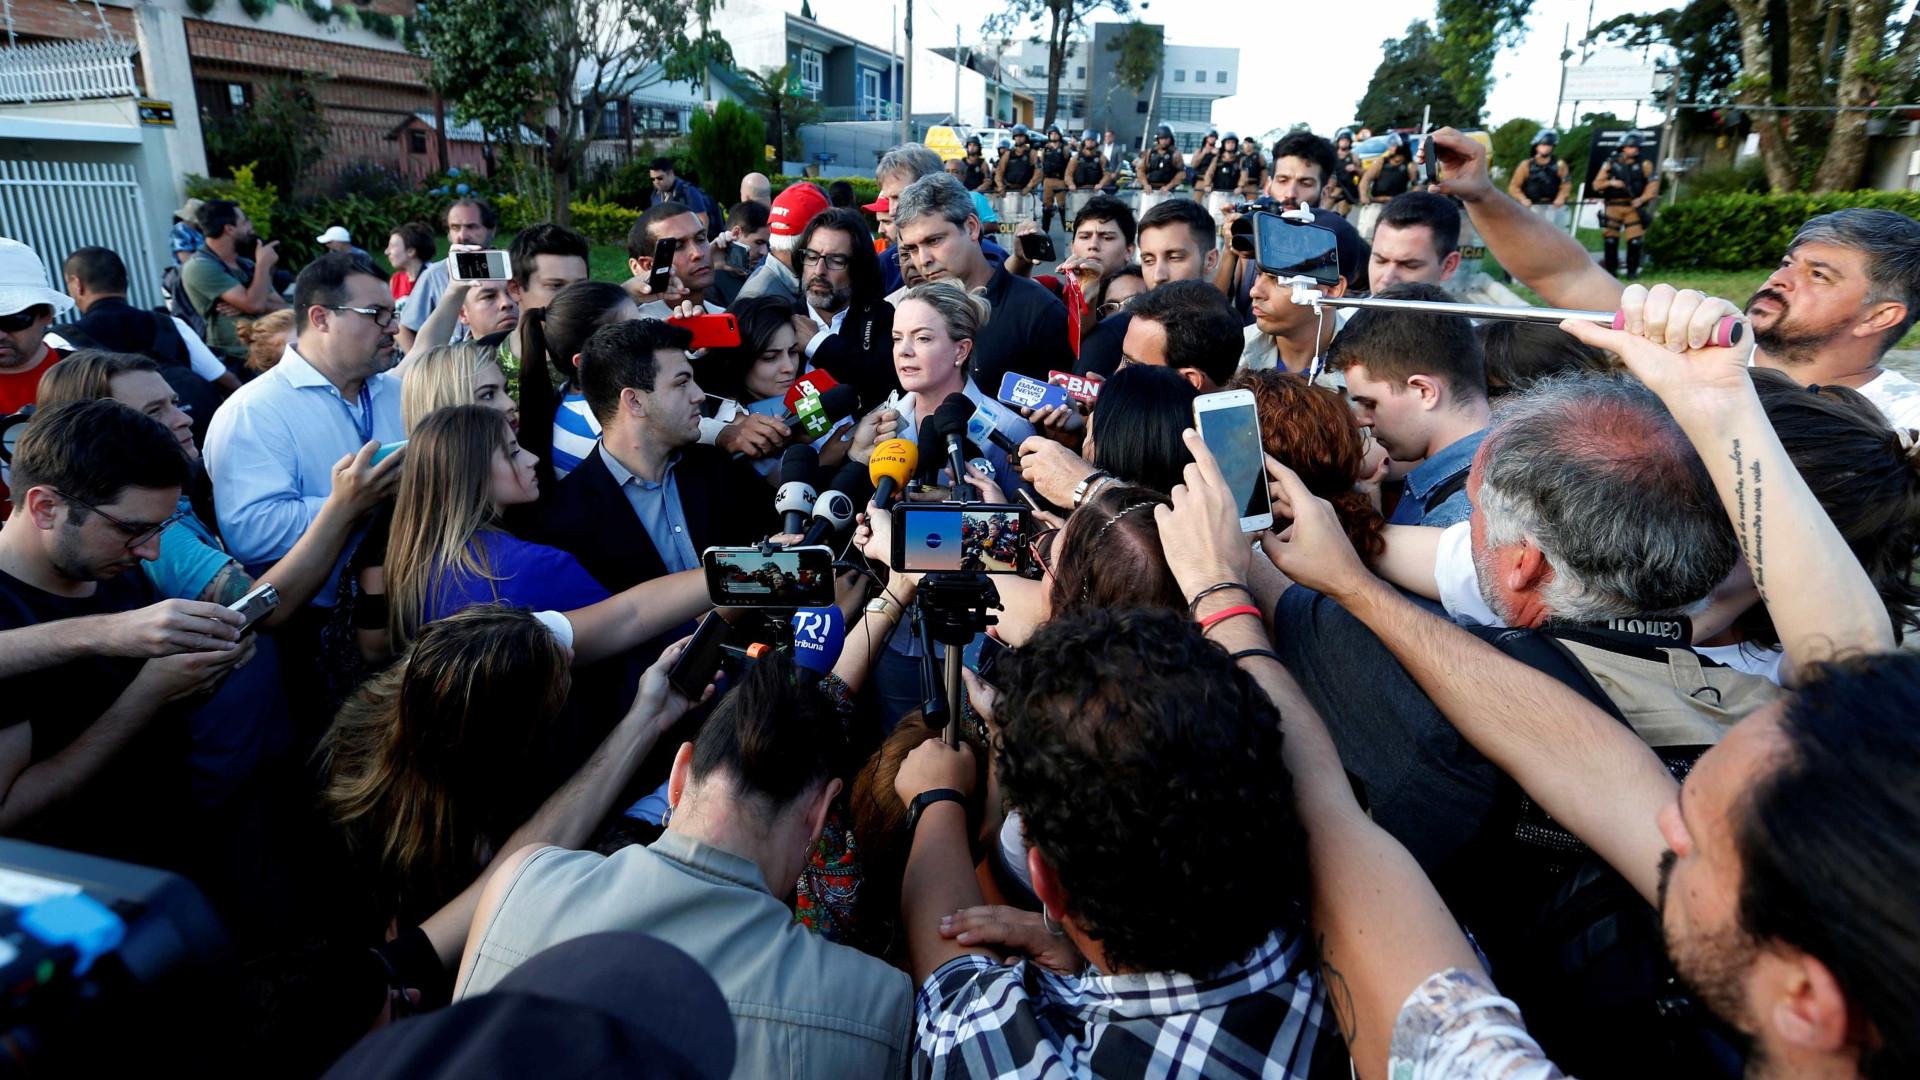 'Ataque especulativo' não barrará candidatura de Lula, diz Gleisi